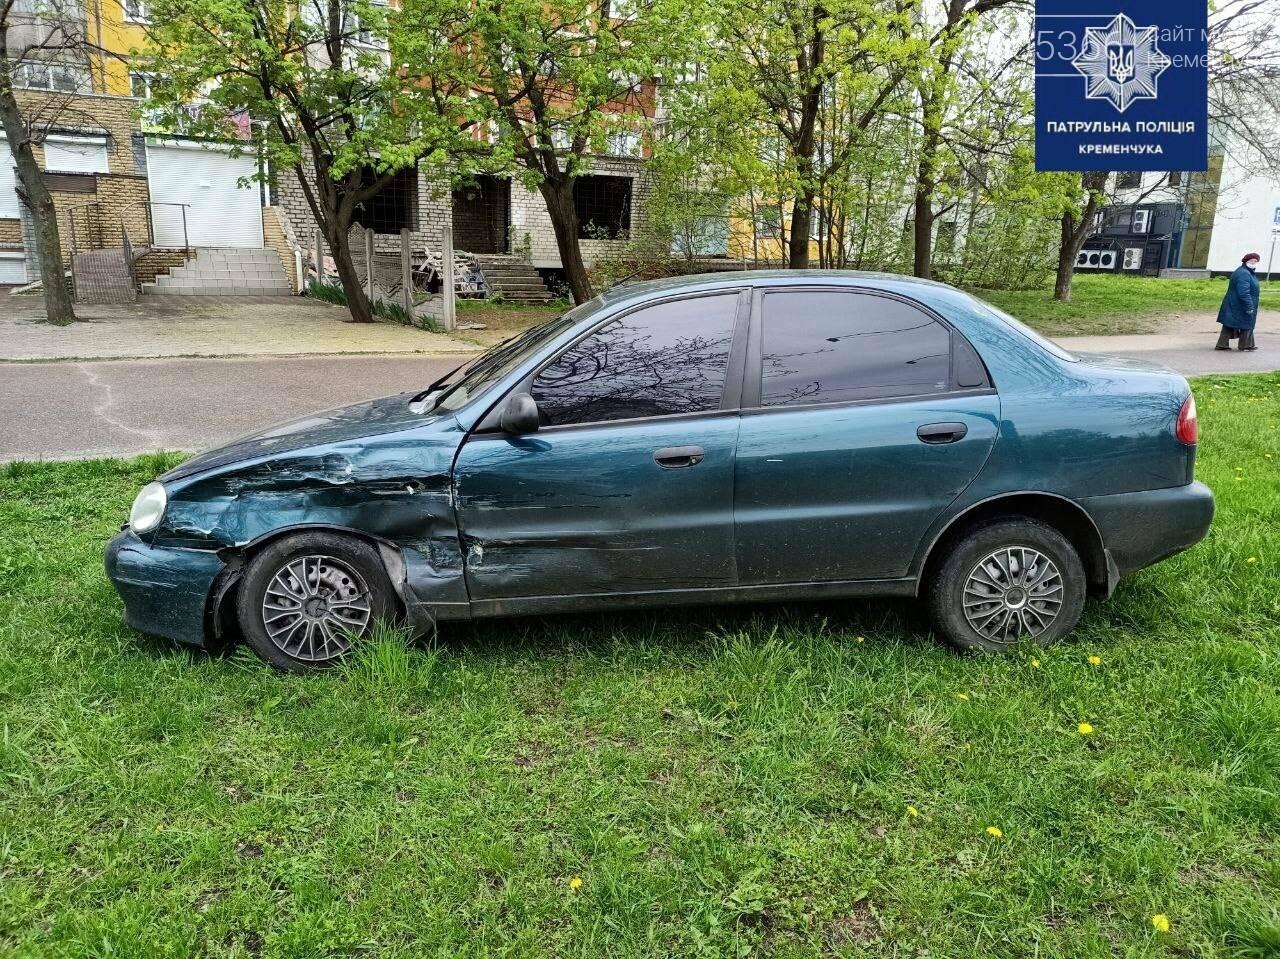 У Кременчуці не розвинулися автомобілі. Фото , фото-1